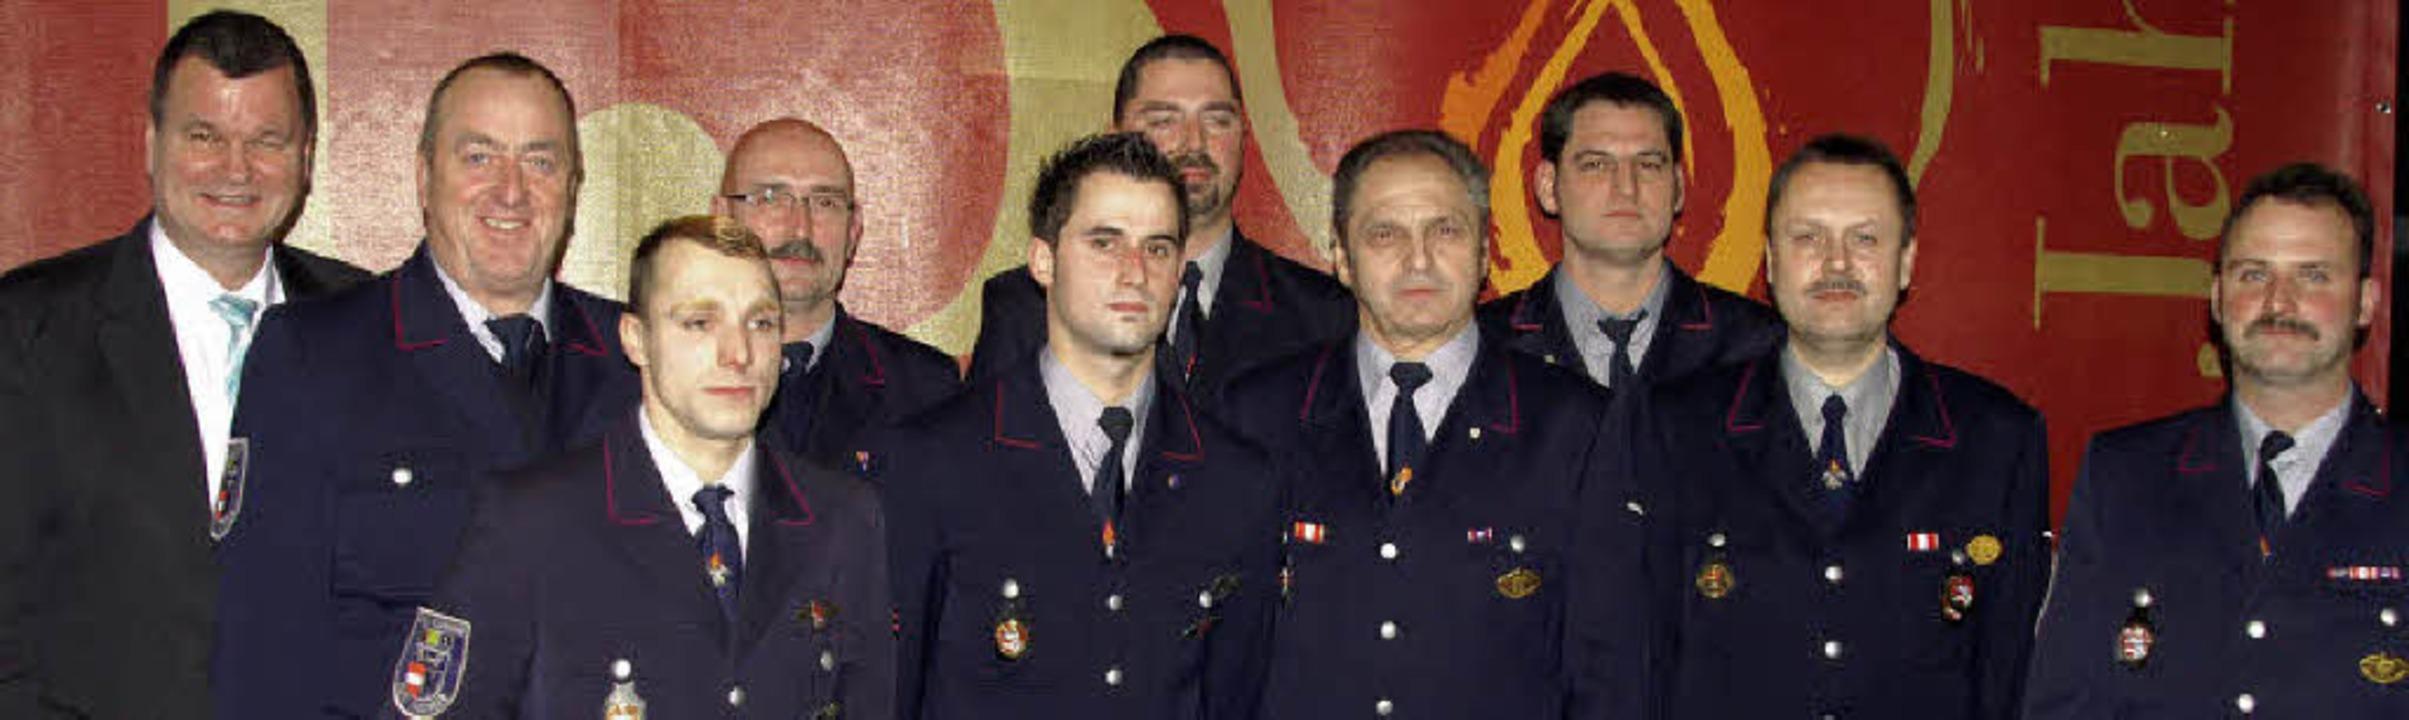 Ehrung bei der Kenzinger Feuerwehr: Mi... erhielt Heinrich Reisch (2.v.links).     Foto: Ilona Hüge